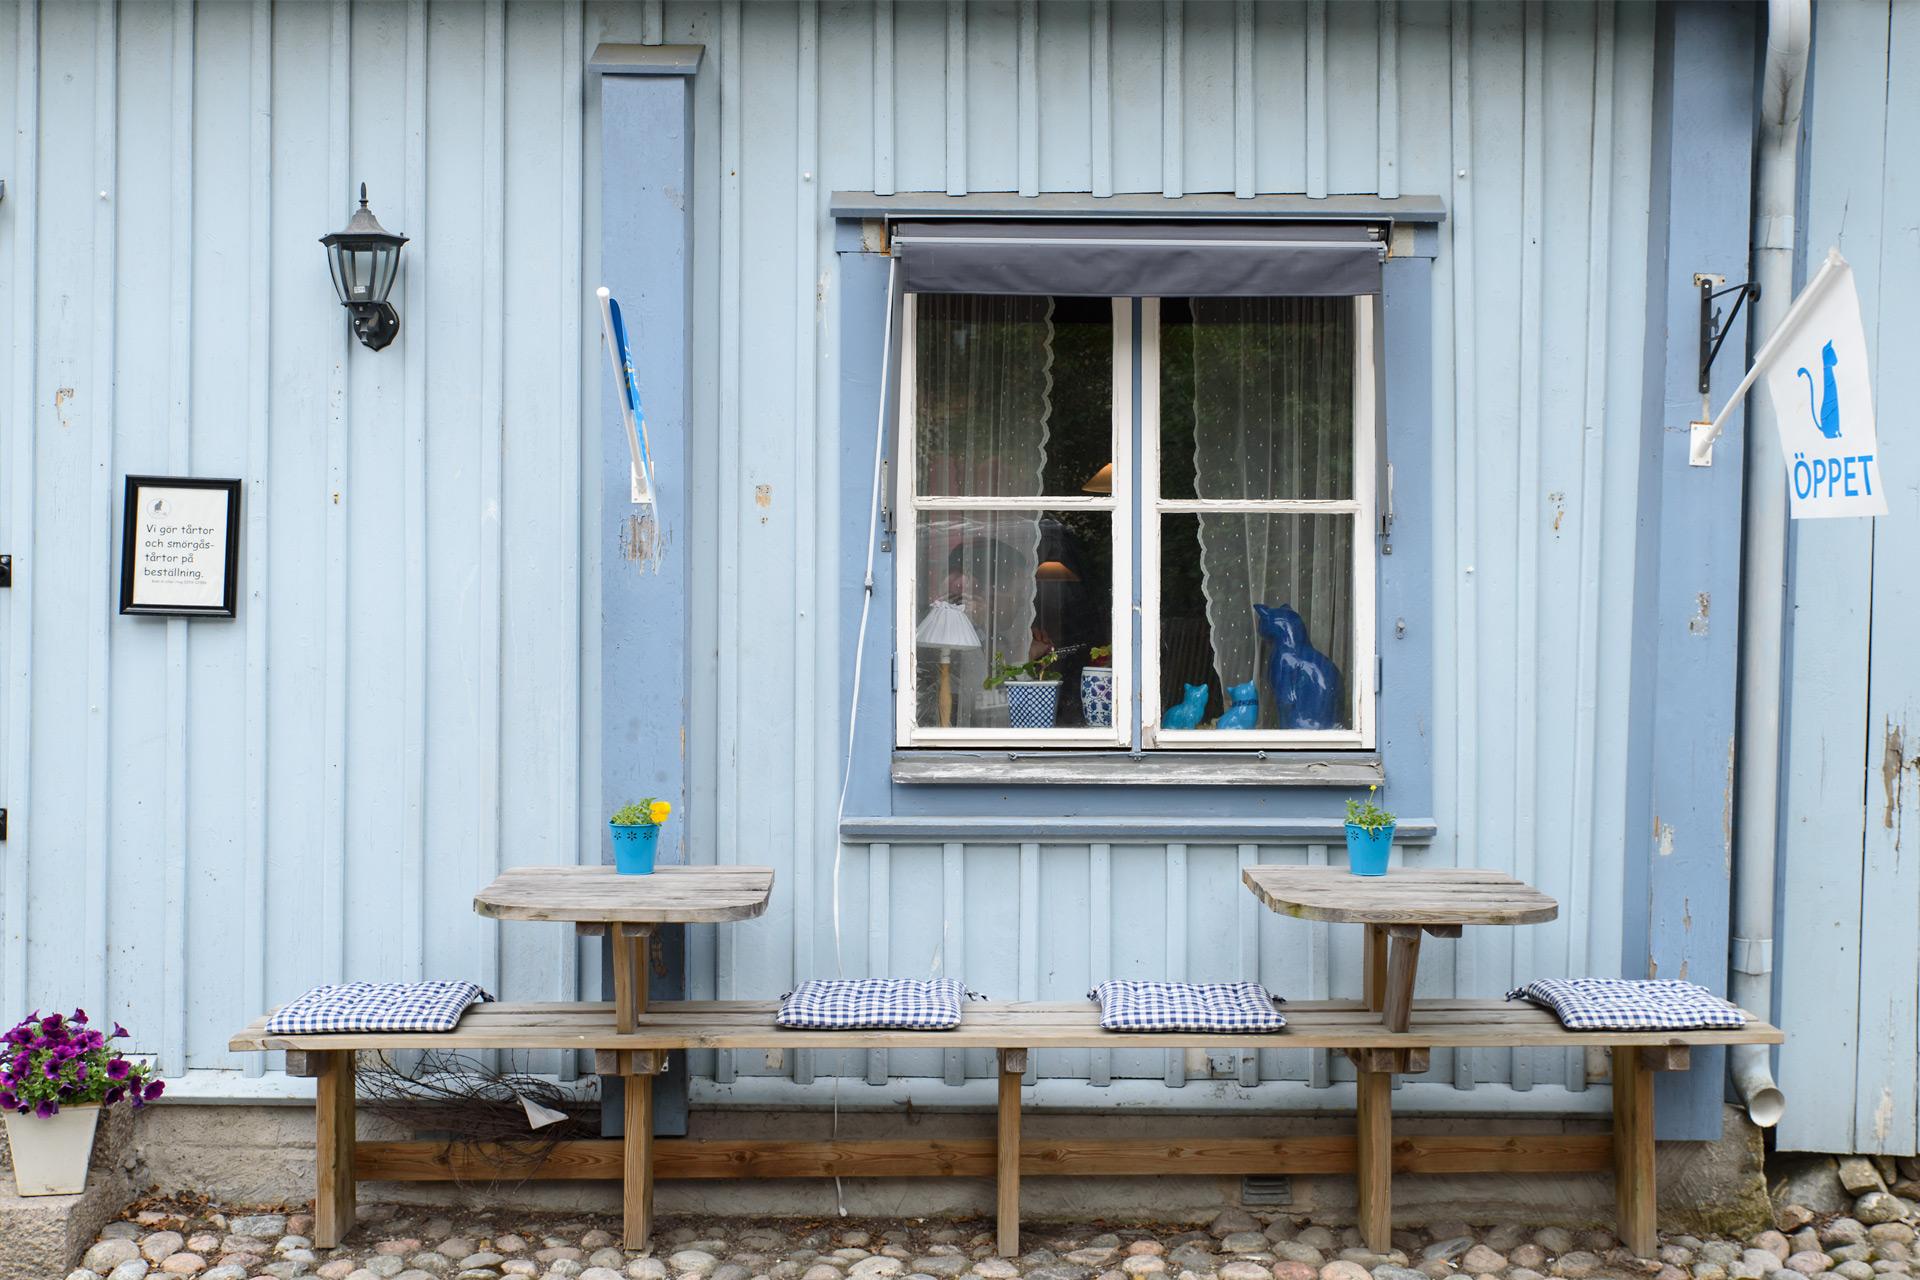 Bla Katten Café in Mariefred